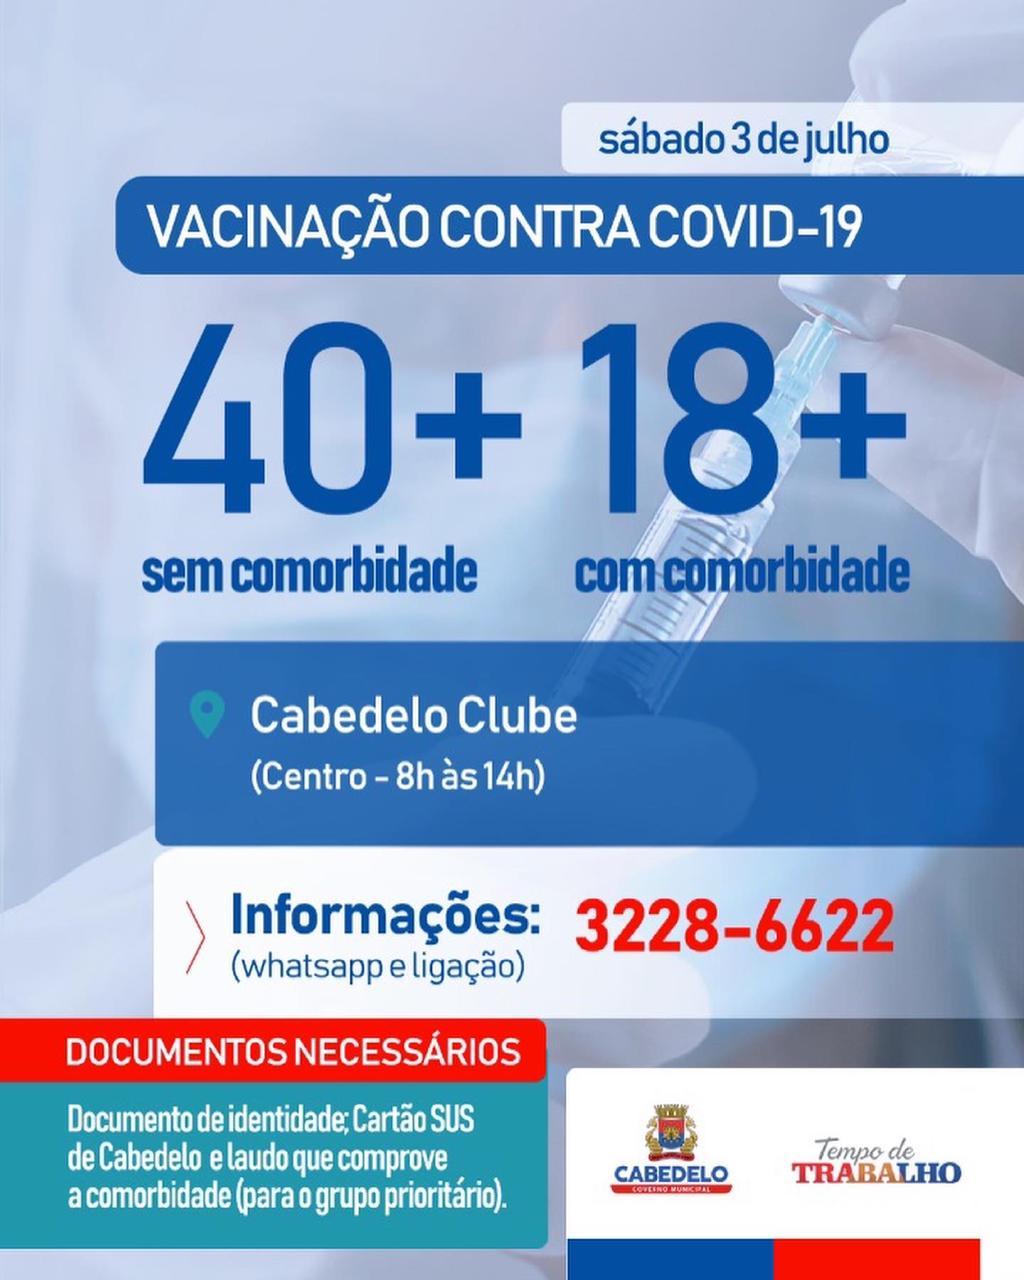 WhatsApp Image 2021 07 02 at 20.13.42 - Vacinação contra a Covid-19 vai acontecer exclusivamente no Cabedelo Clube, neste sábado